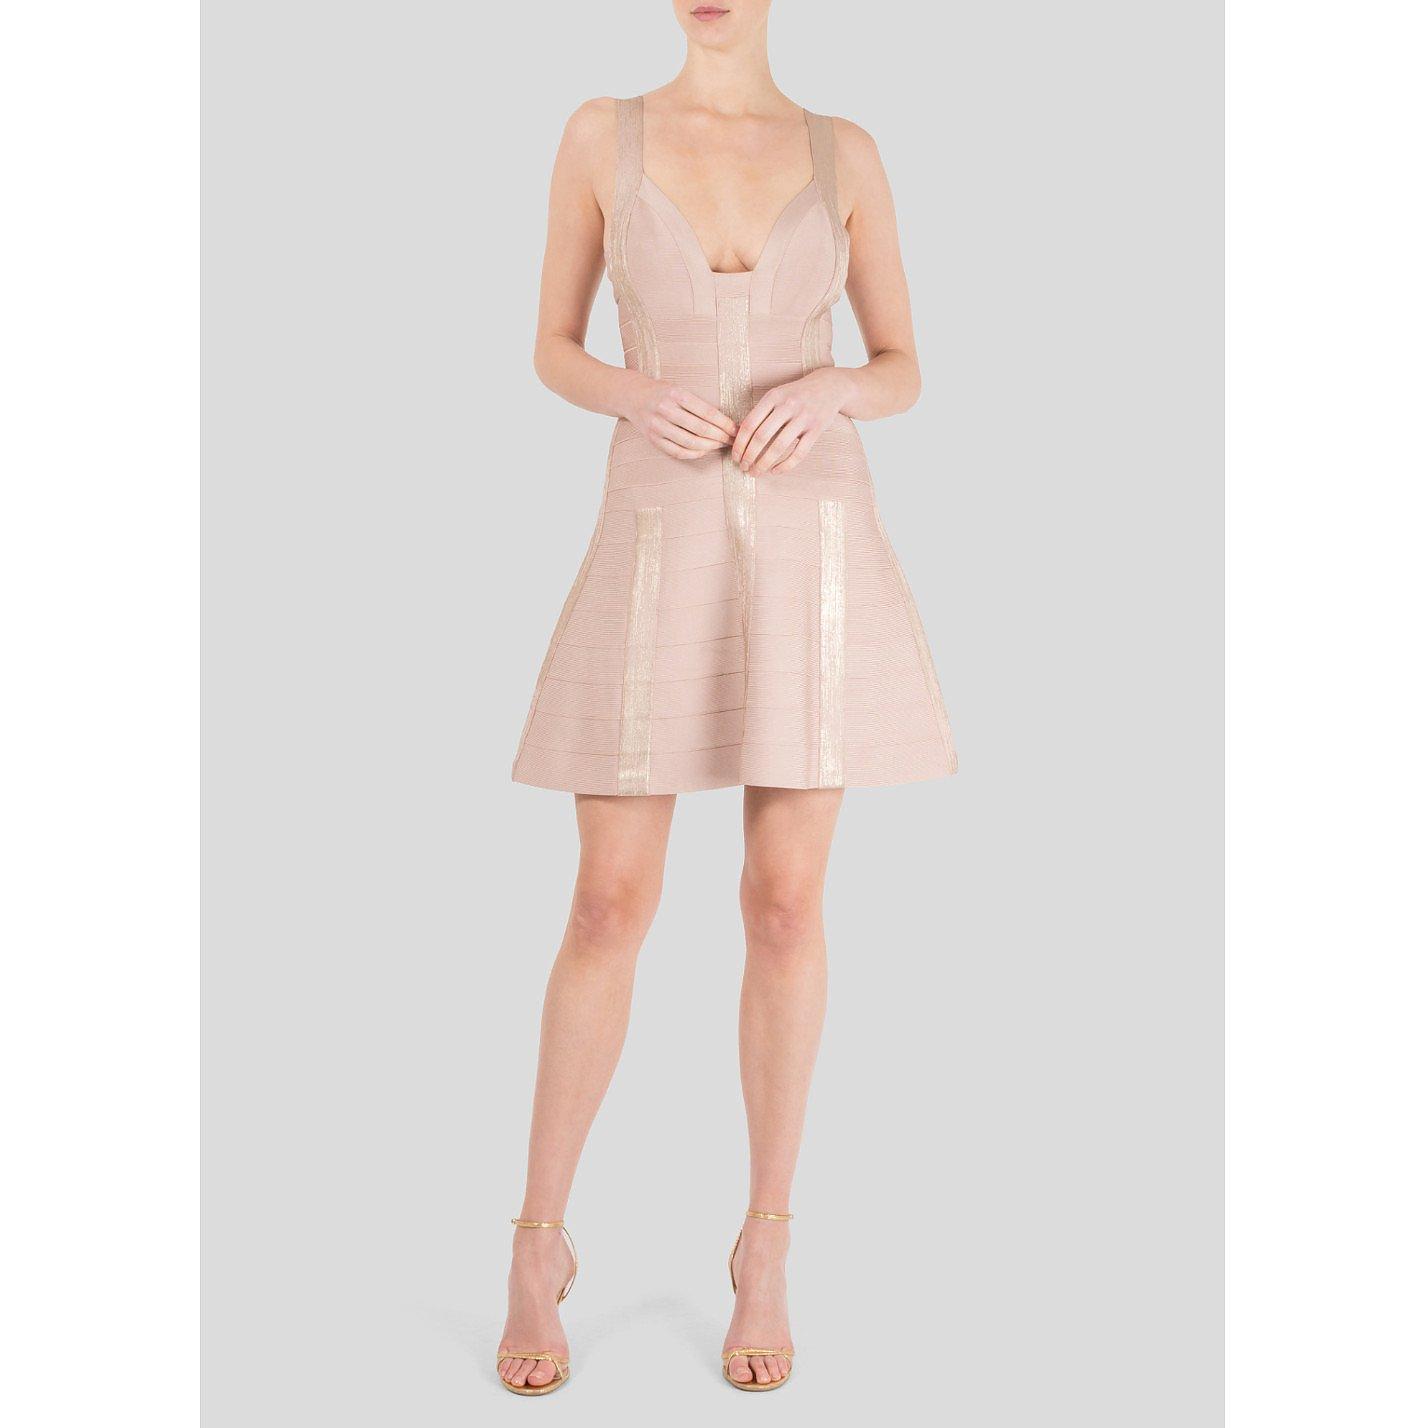 Herve Leger Shayla Bandage Dress